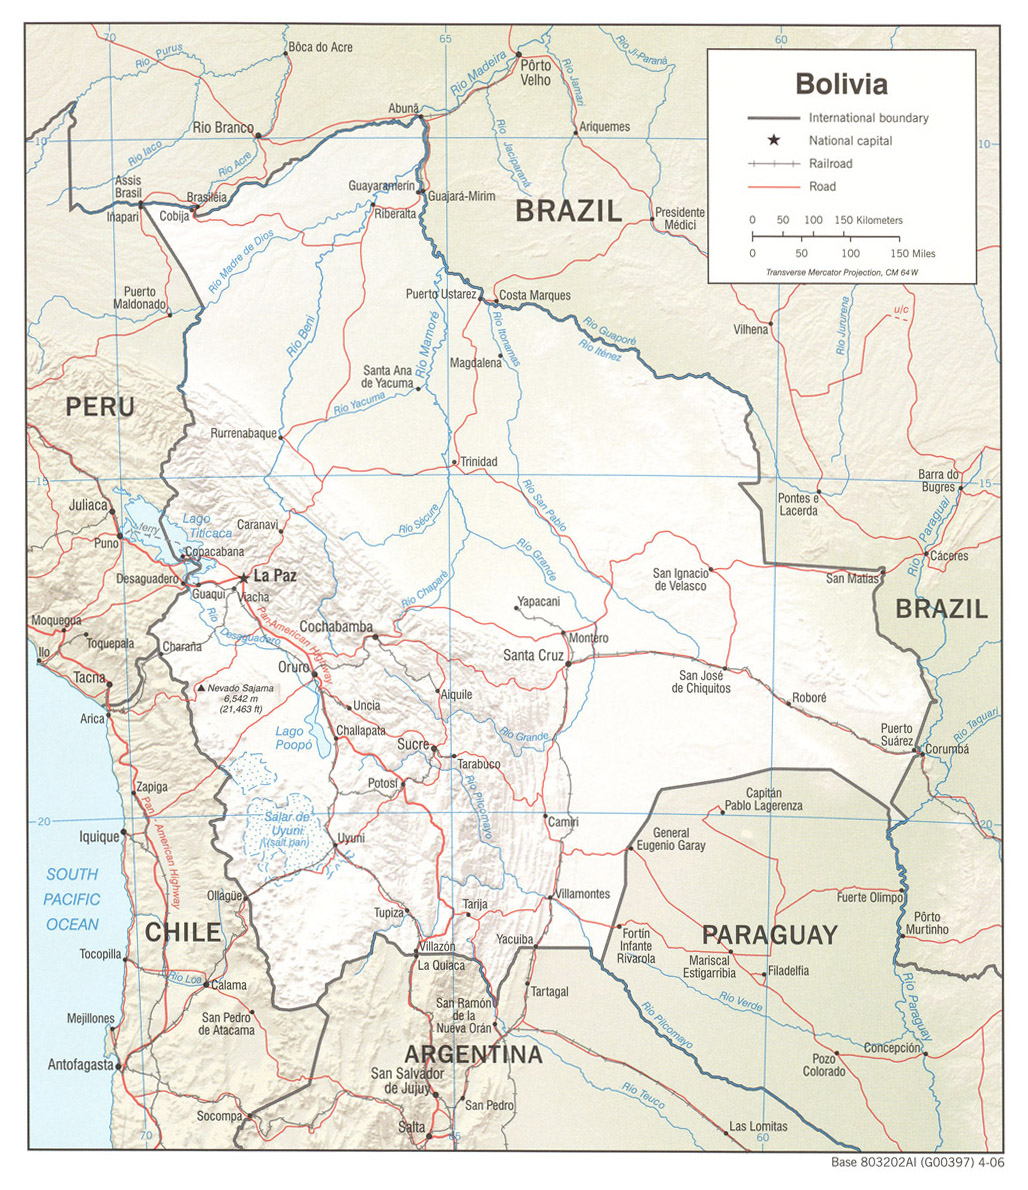 Bolivia Mapa de Relieve 2006.